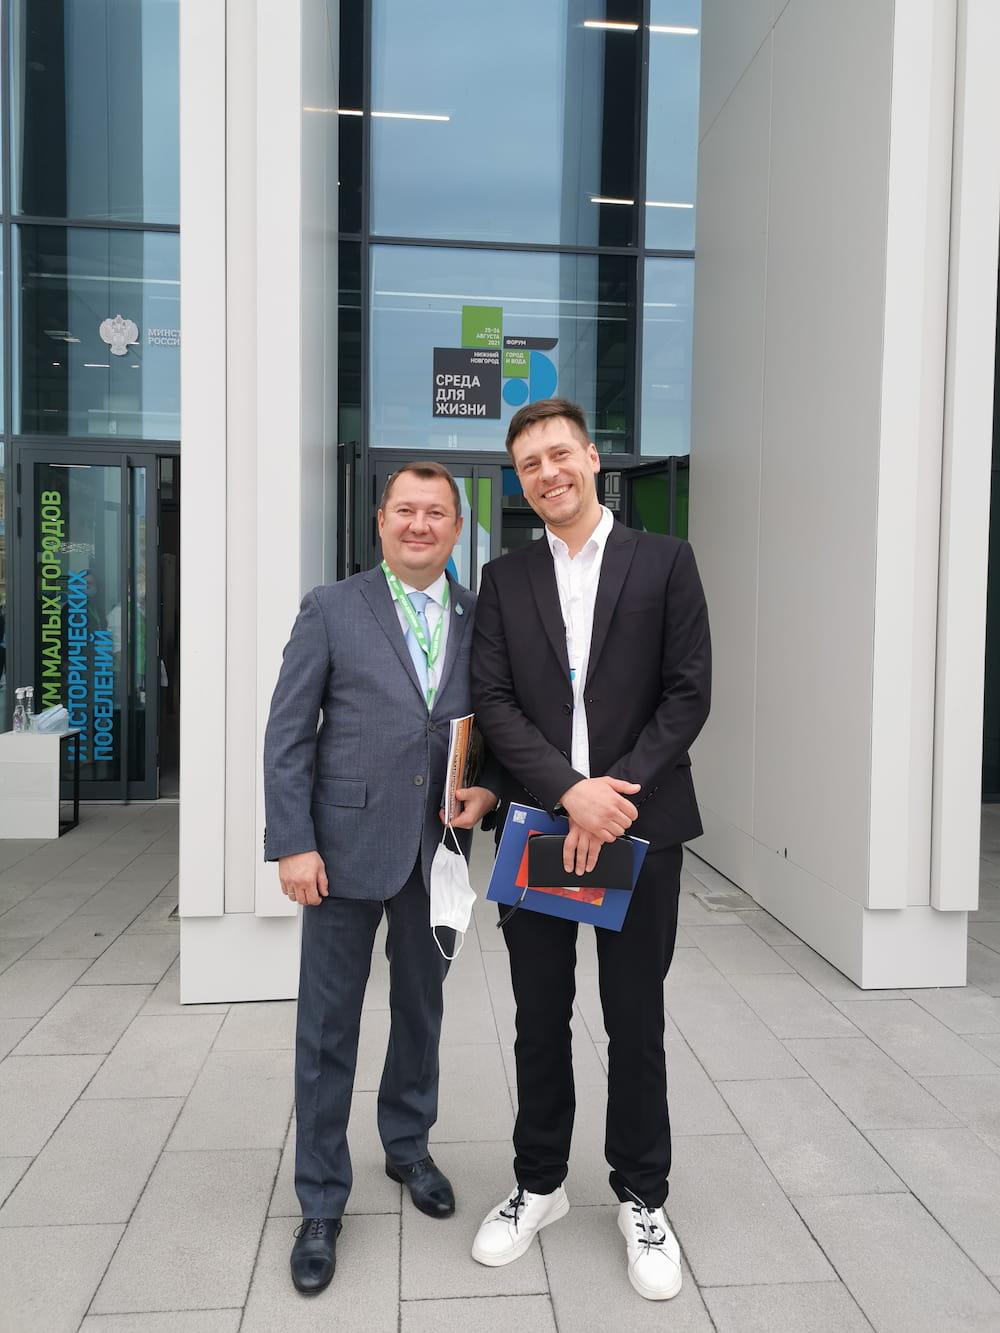 forum sreda dlya jizni - В Нижнем Новгороде состоялся V Всероссийский форум «Среда для жизни: город и вода»